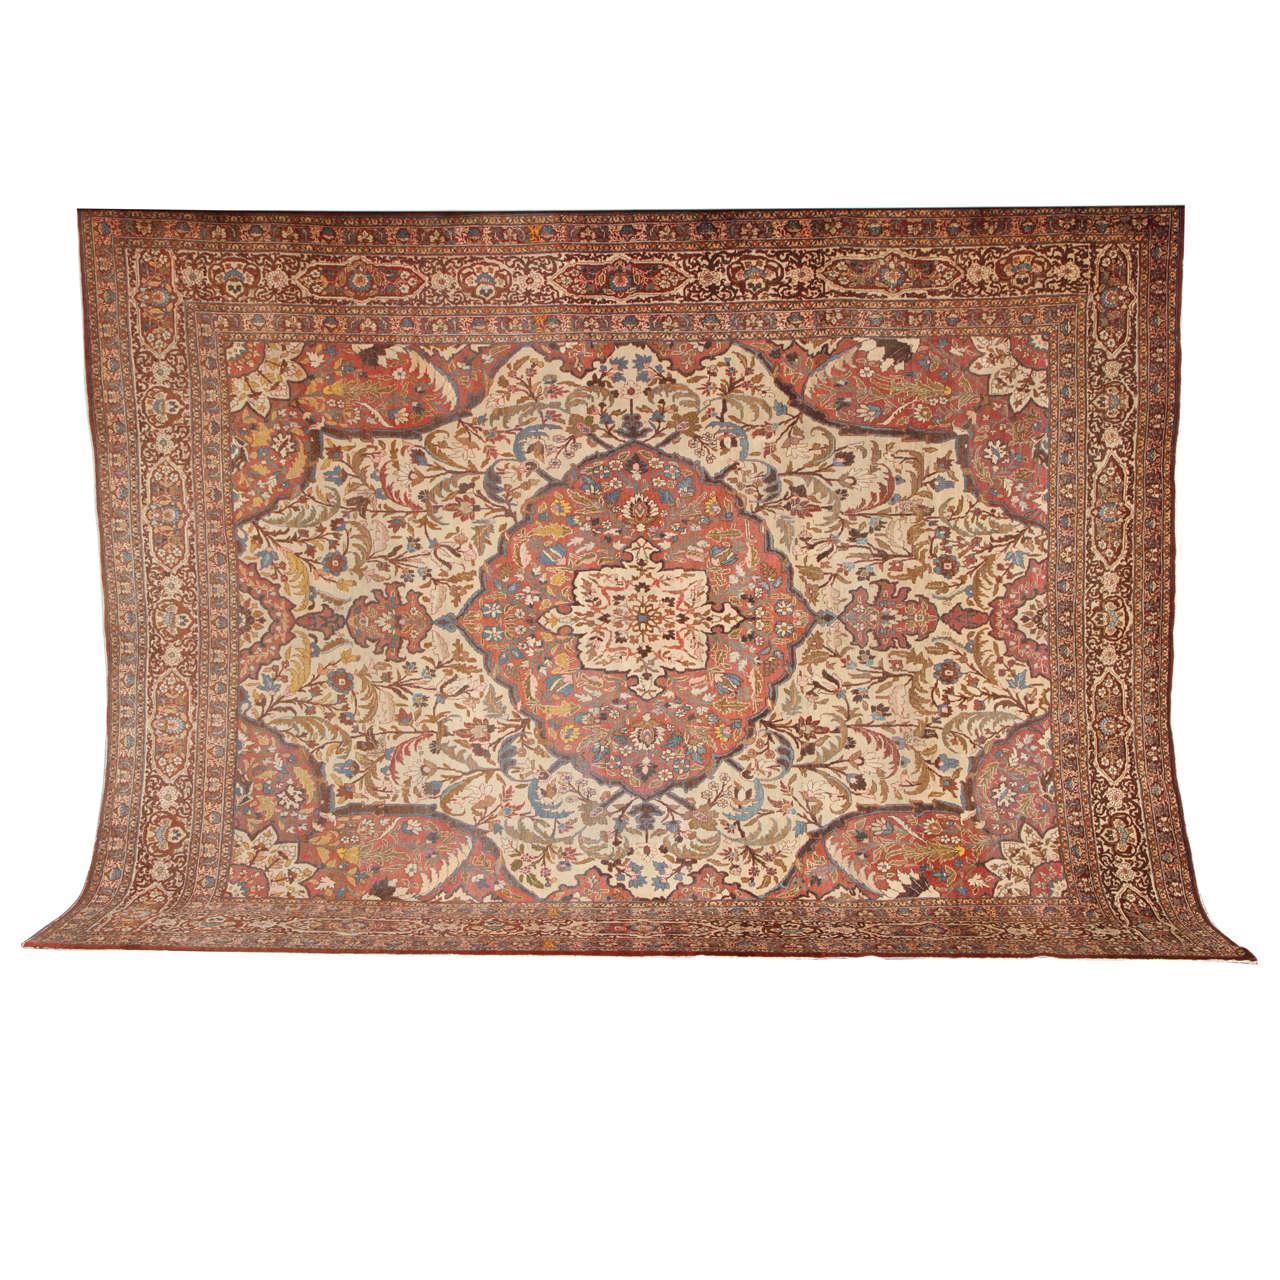 Persian Haji Jalili Tabriz Carpet, circa 1880